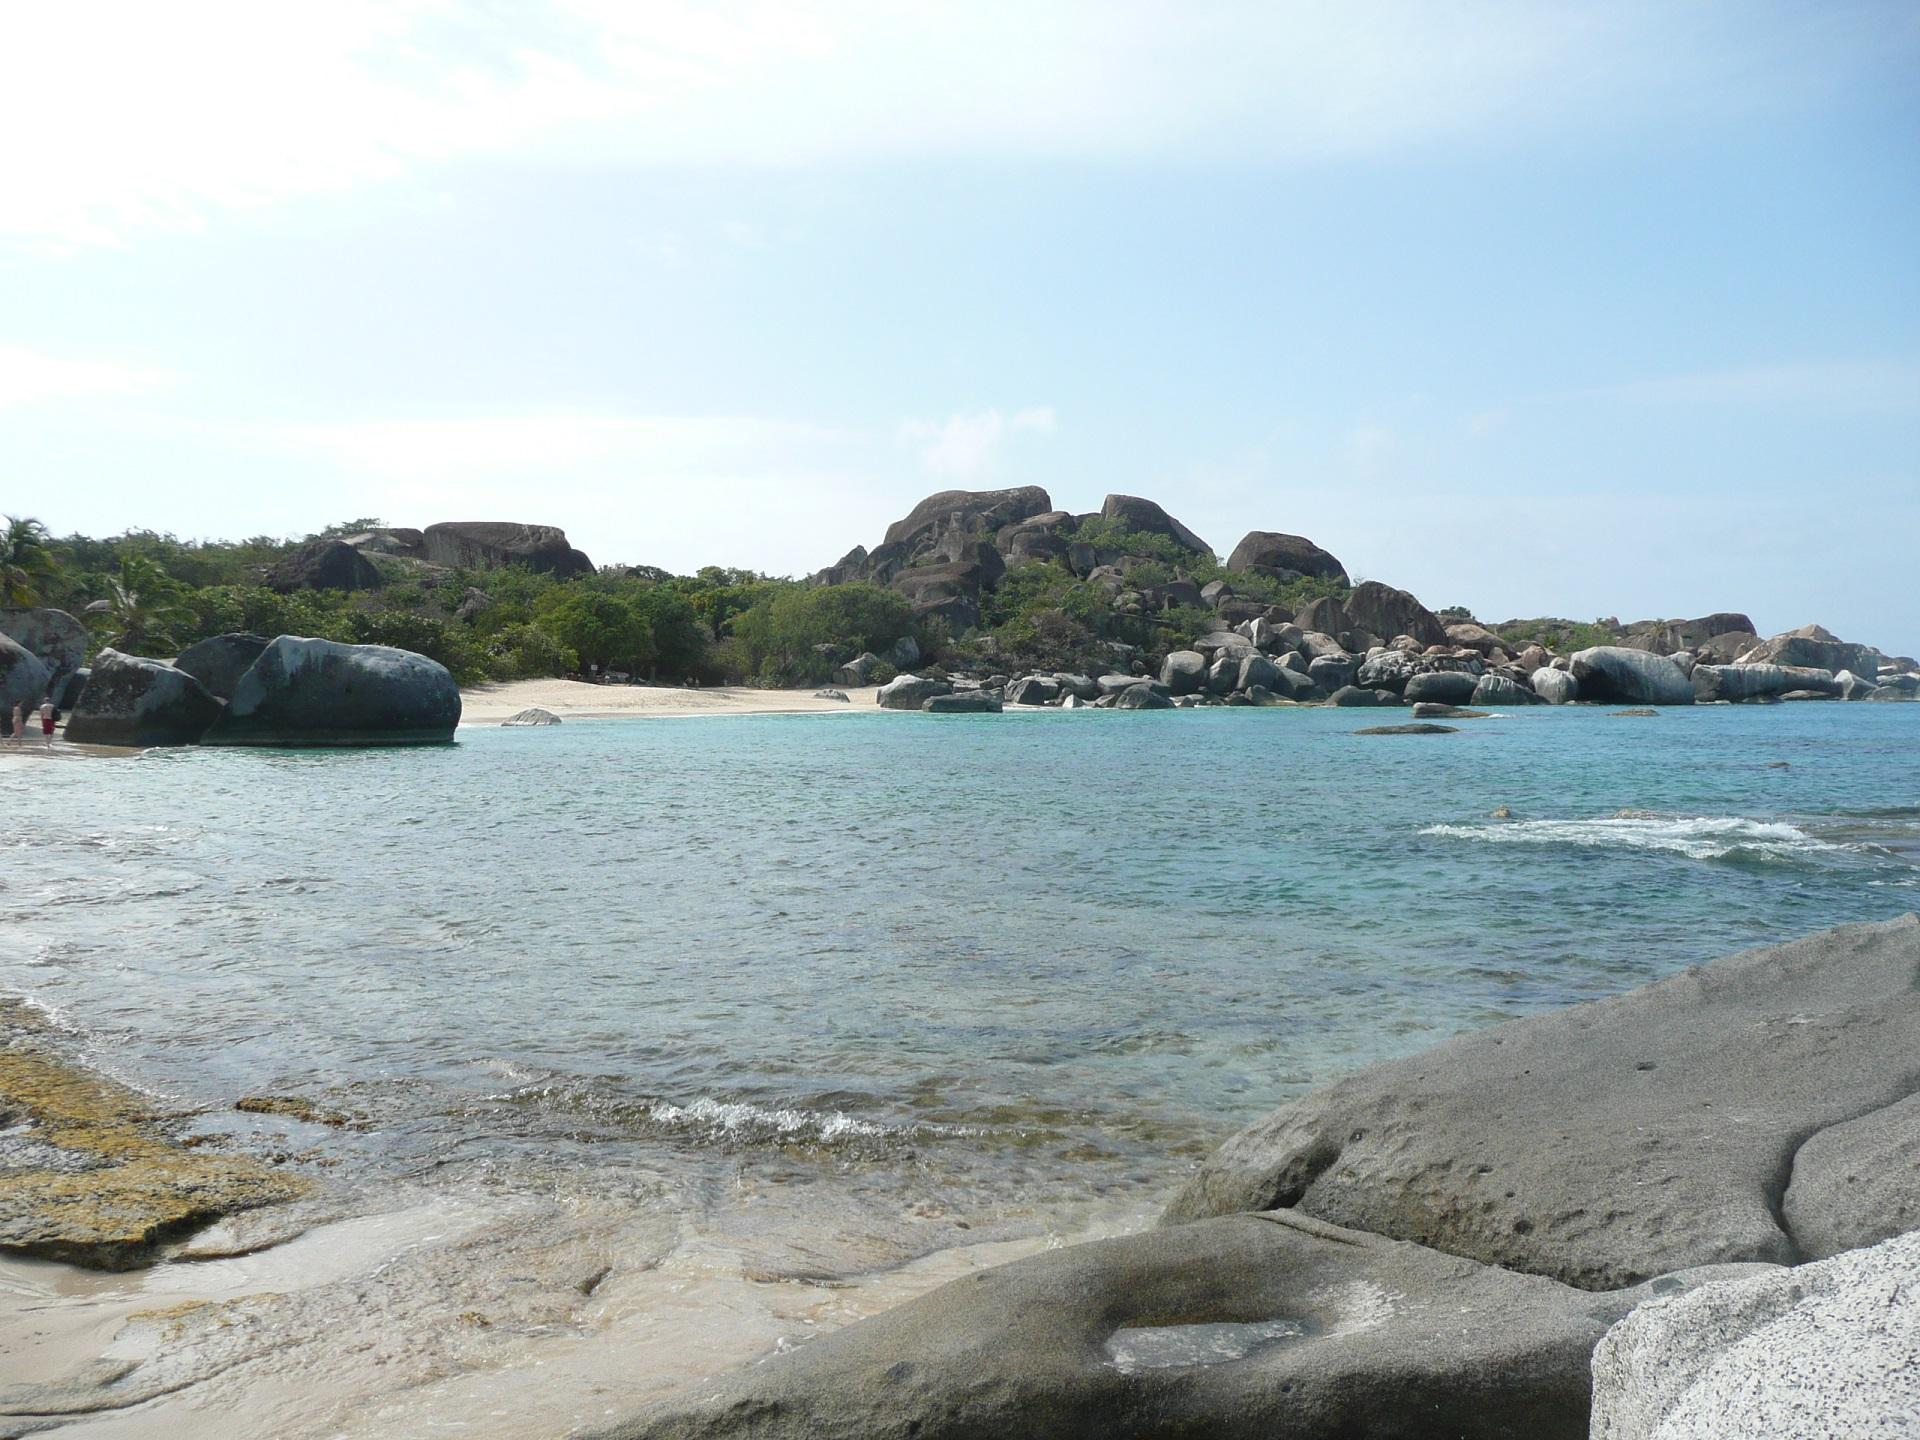 Mein Schiff Reiseziel: Tortola - The Baths